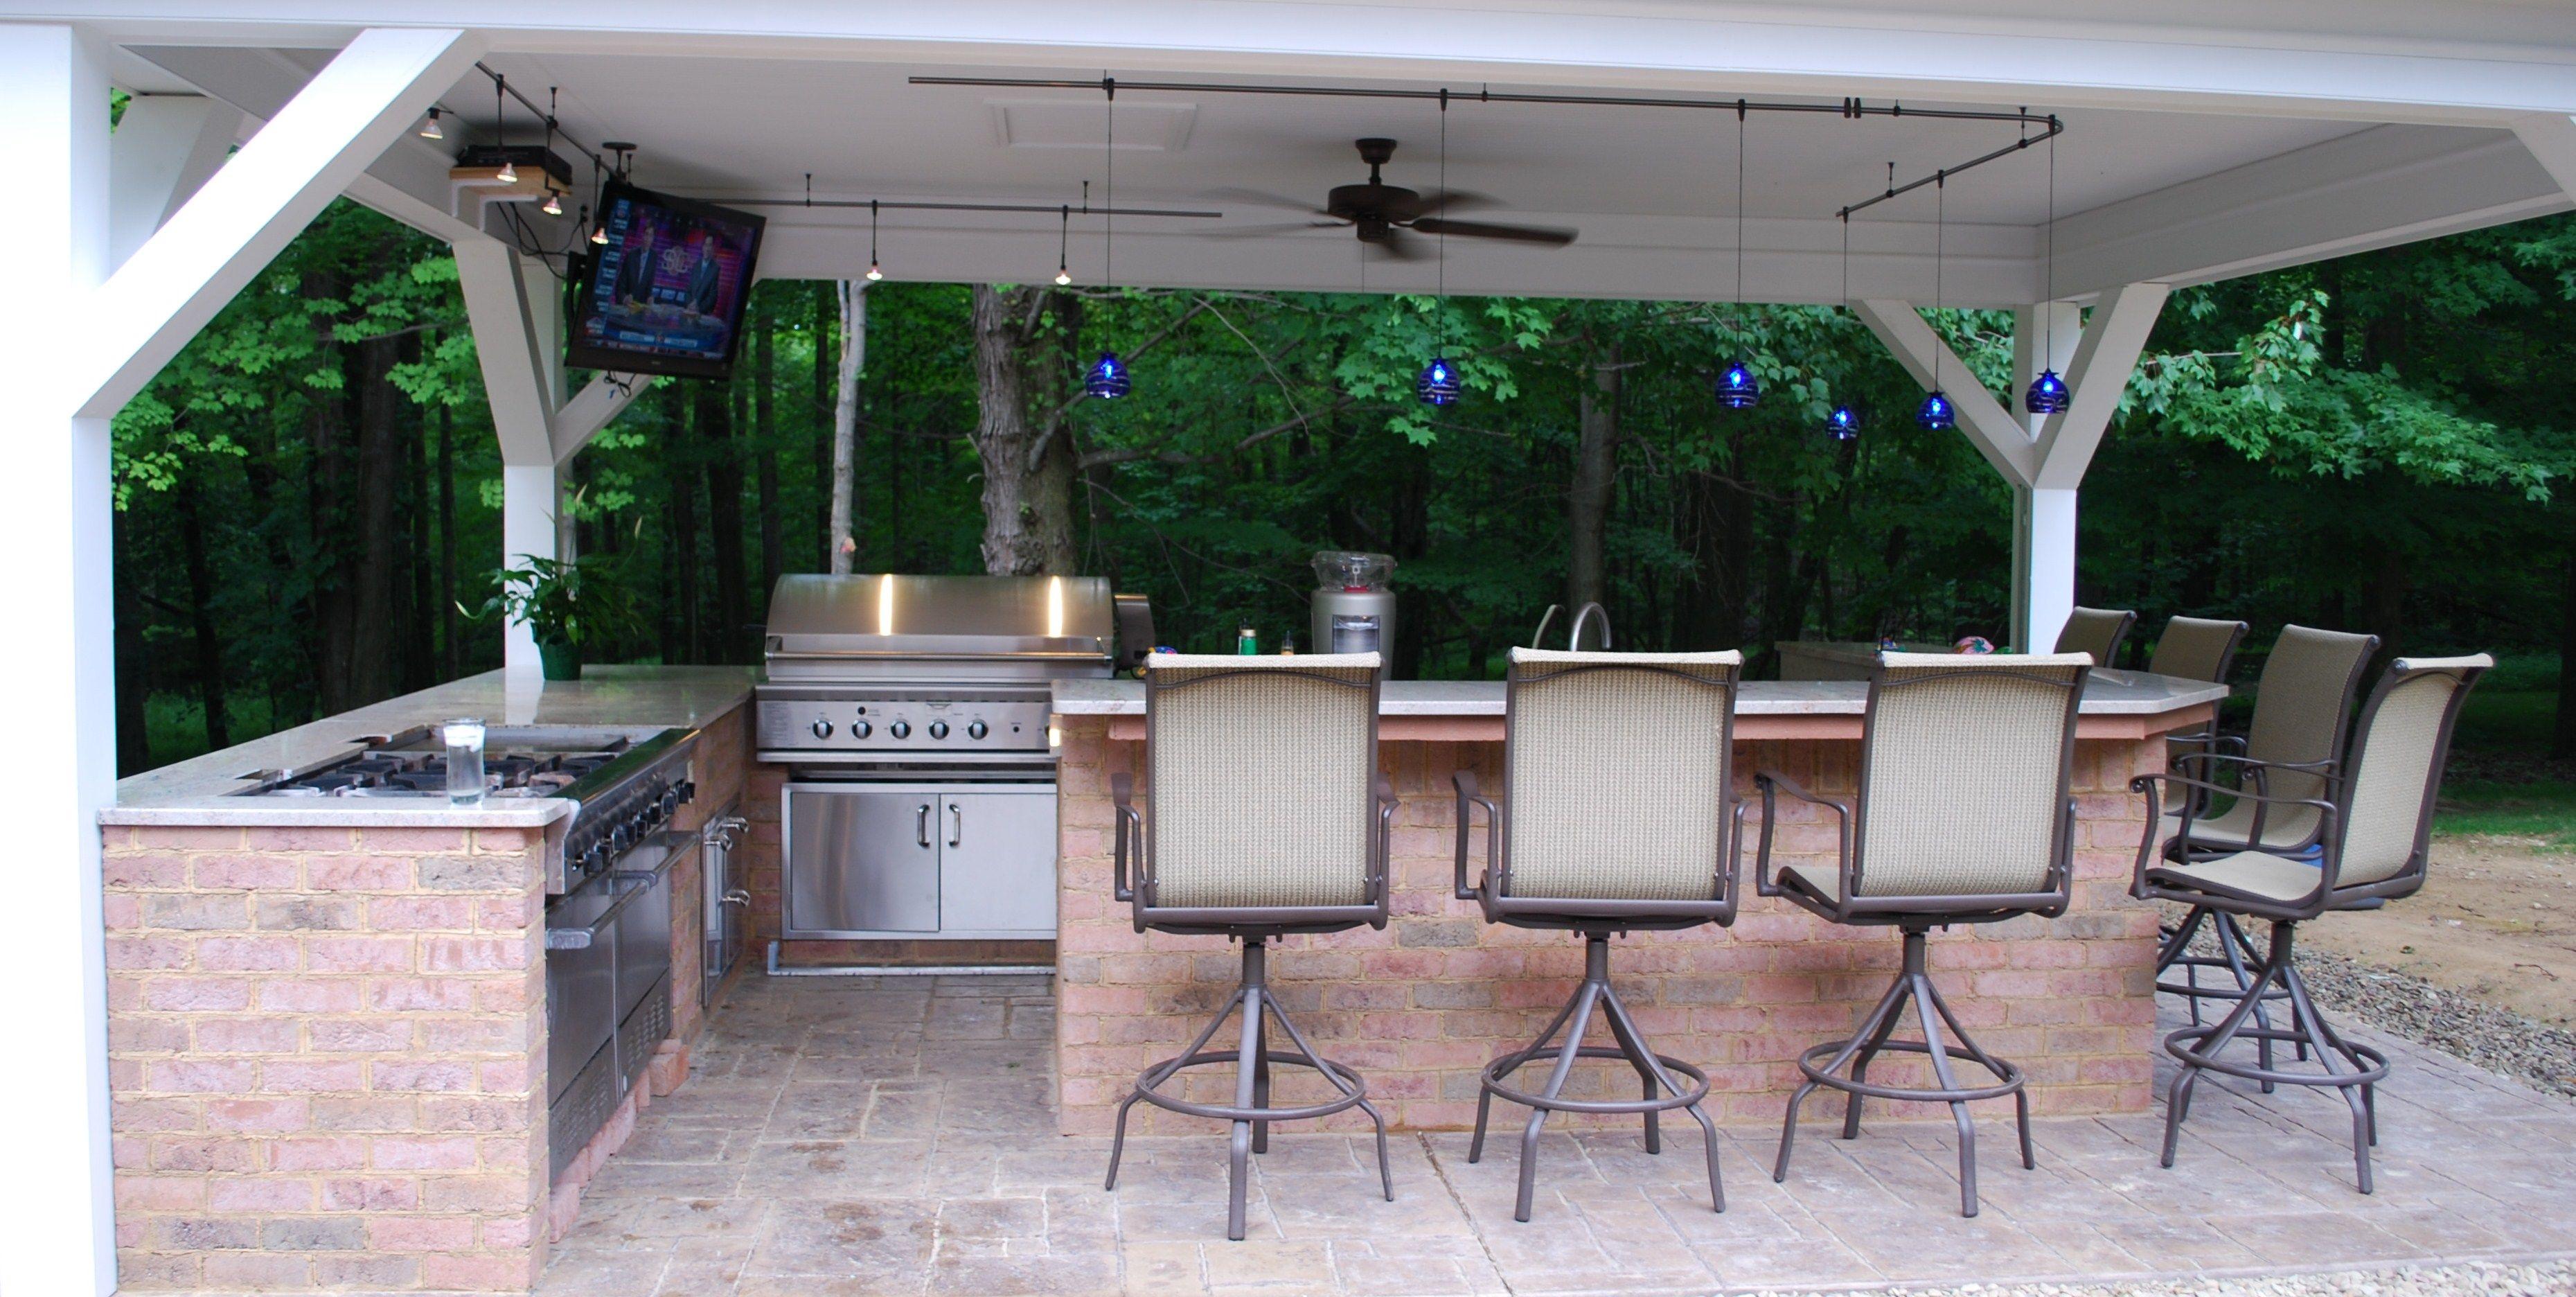 Dscjpg outdoor bar pinterest stainless steel